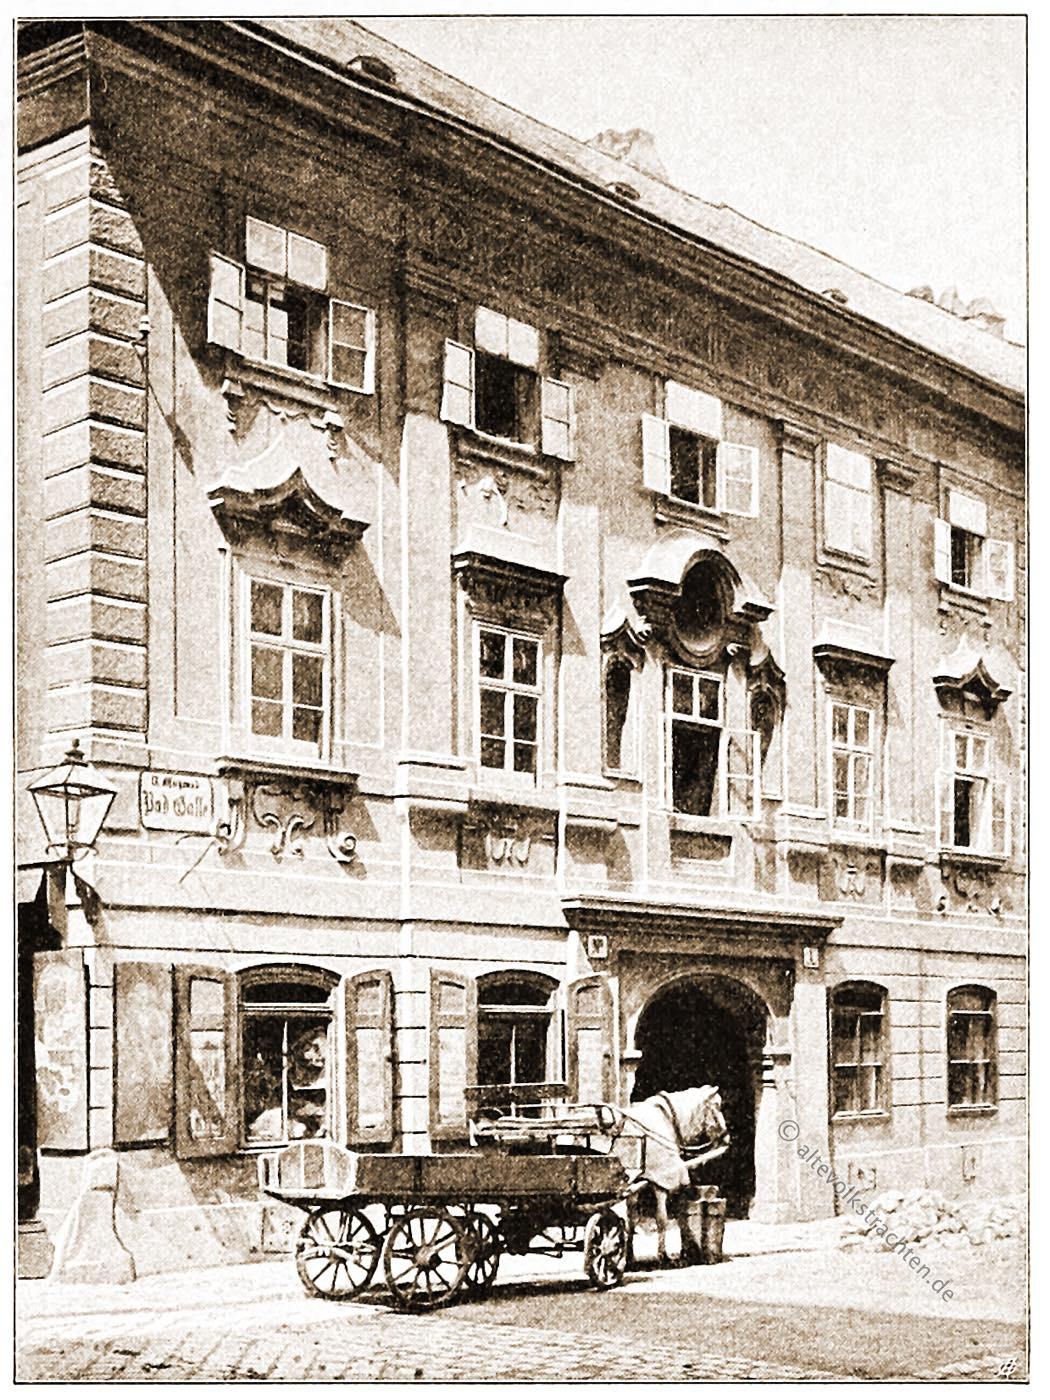 Wien, Wohnhaus, Badgasse, Architektur, Österreich, Stadtansicht, Hartwig, Fischel,